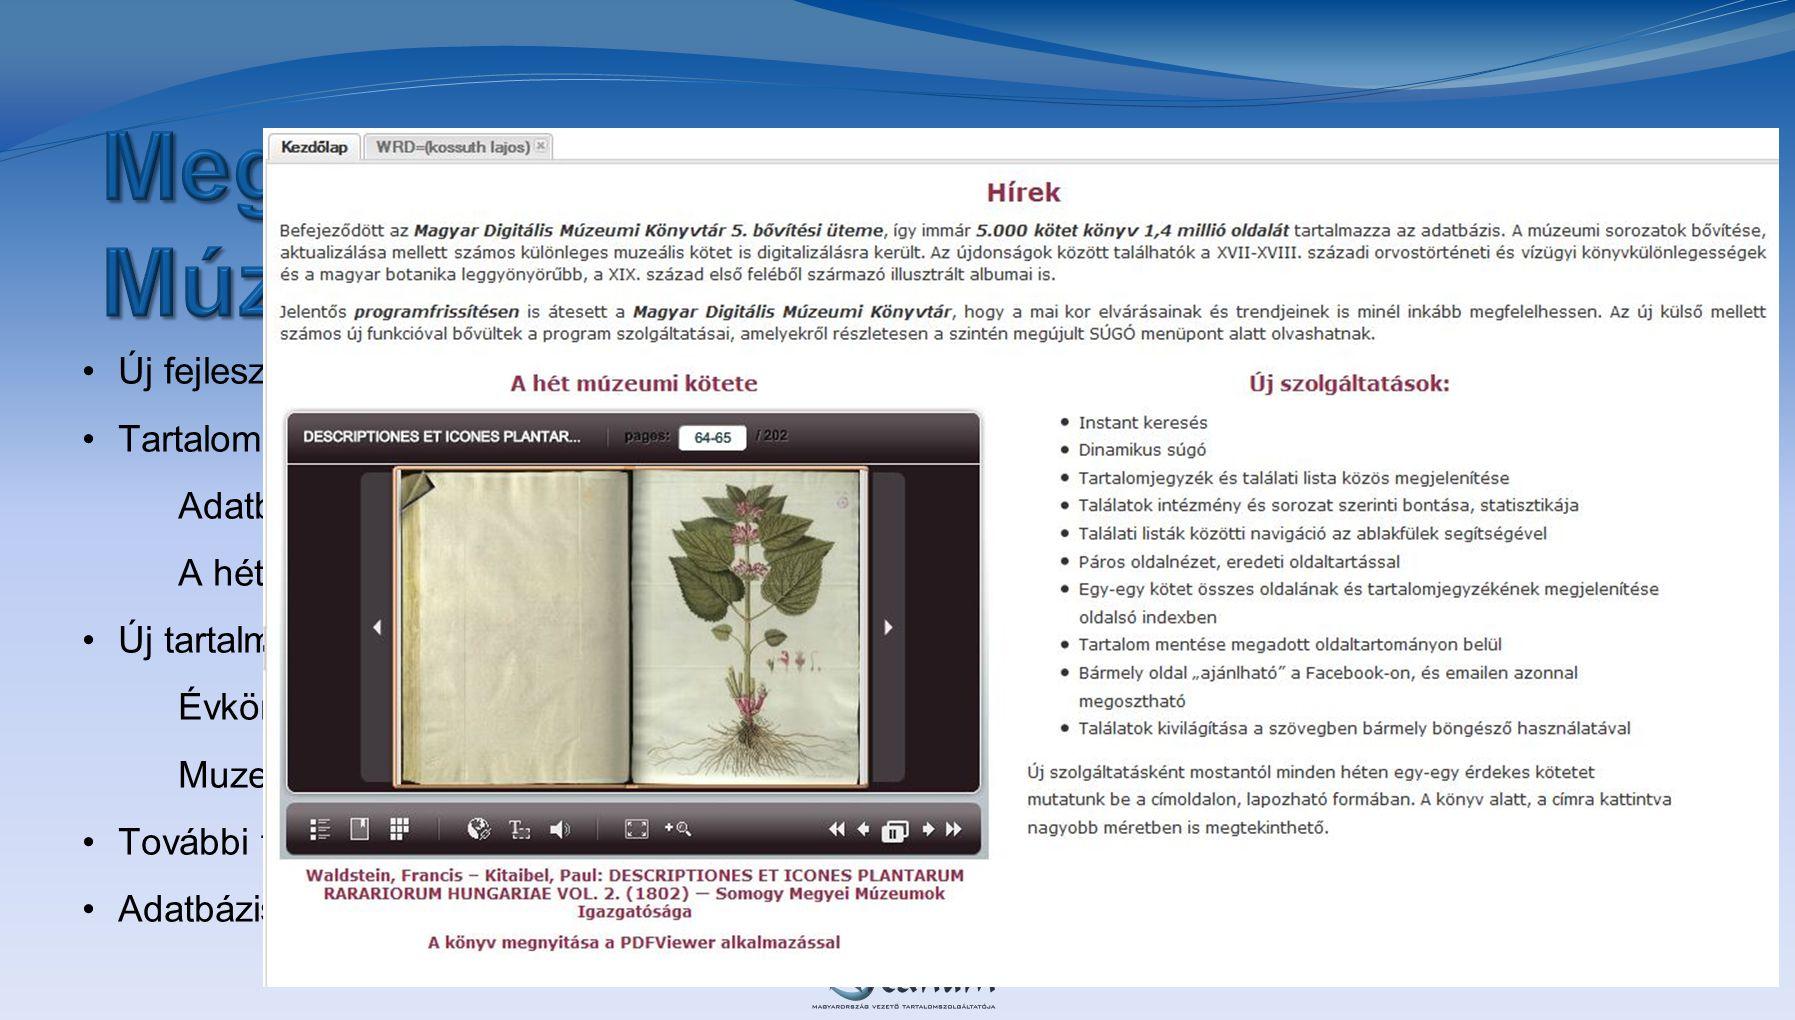 •Új fejlesztések megjelenése az online adatbázisokban •Tartalomhoz szabott új szolgáltatások Adatbázissal kapcsolatos friss információk A hét múzeumi